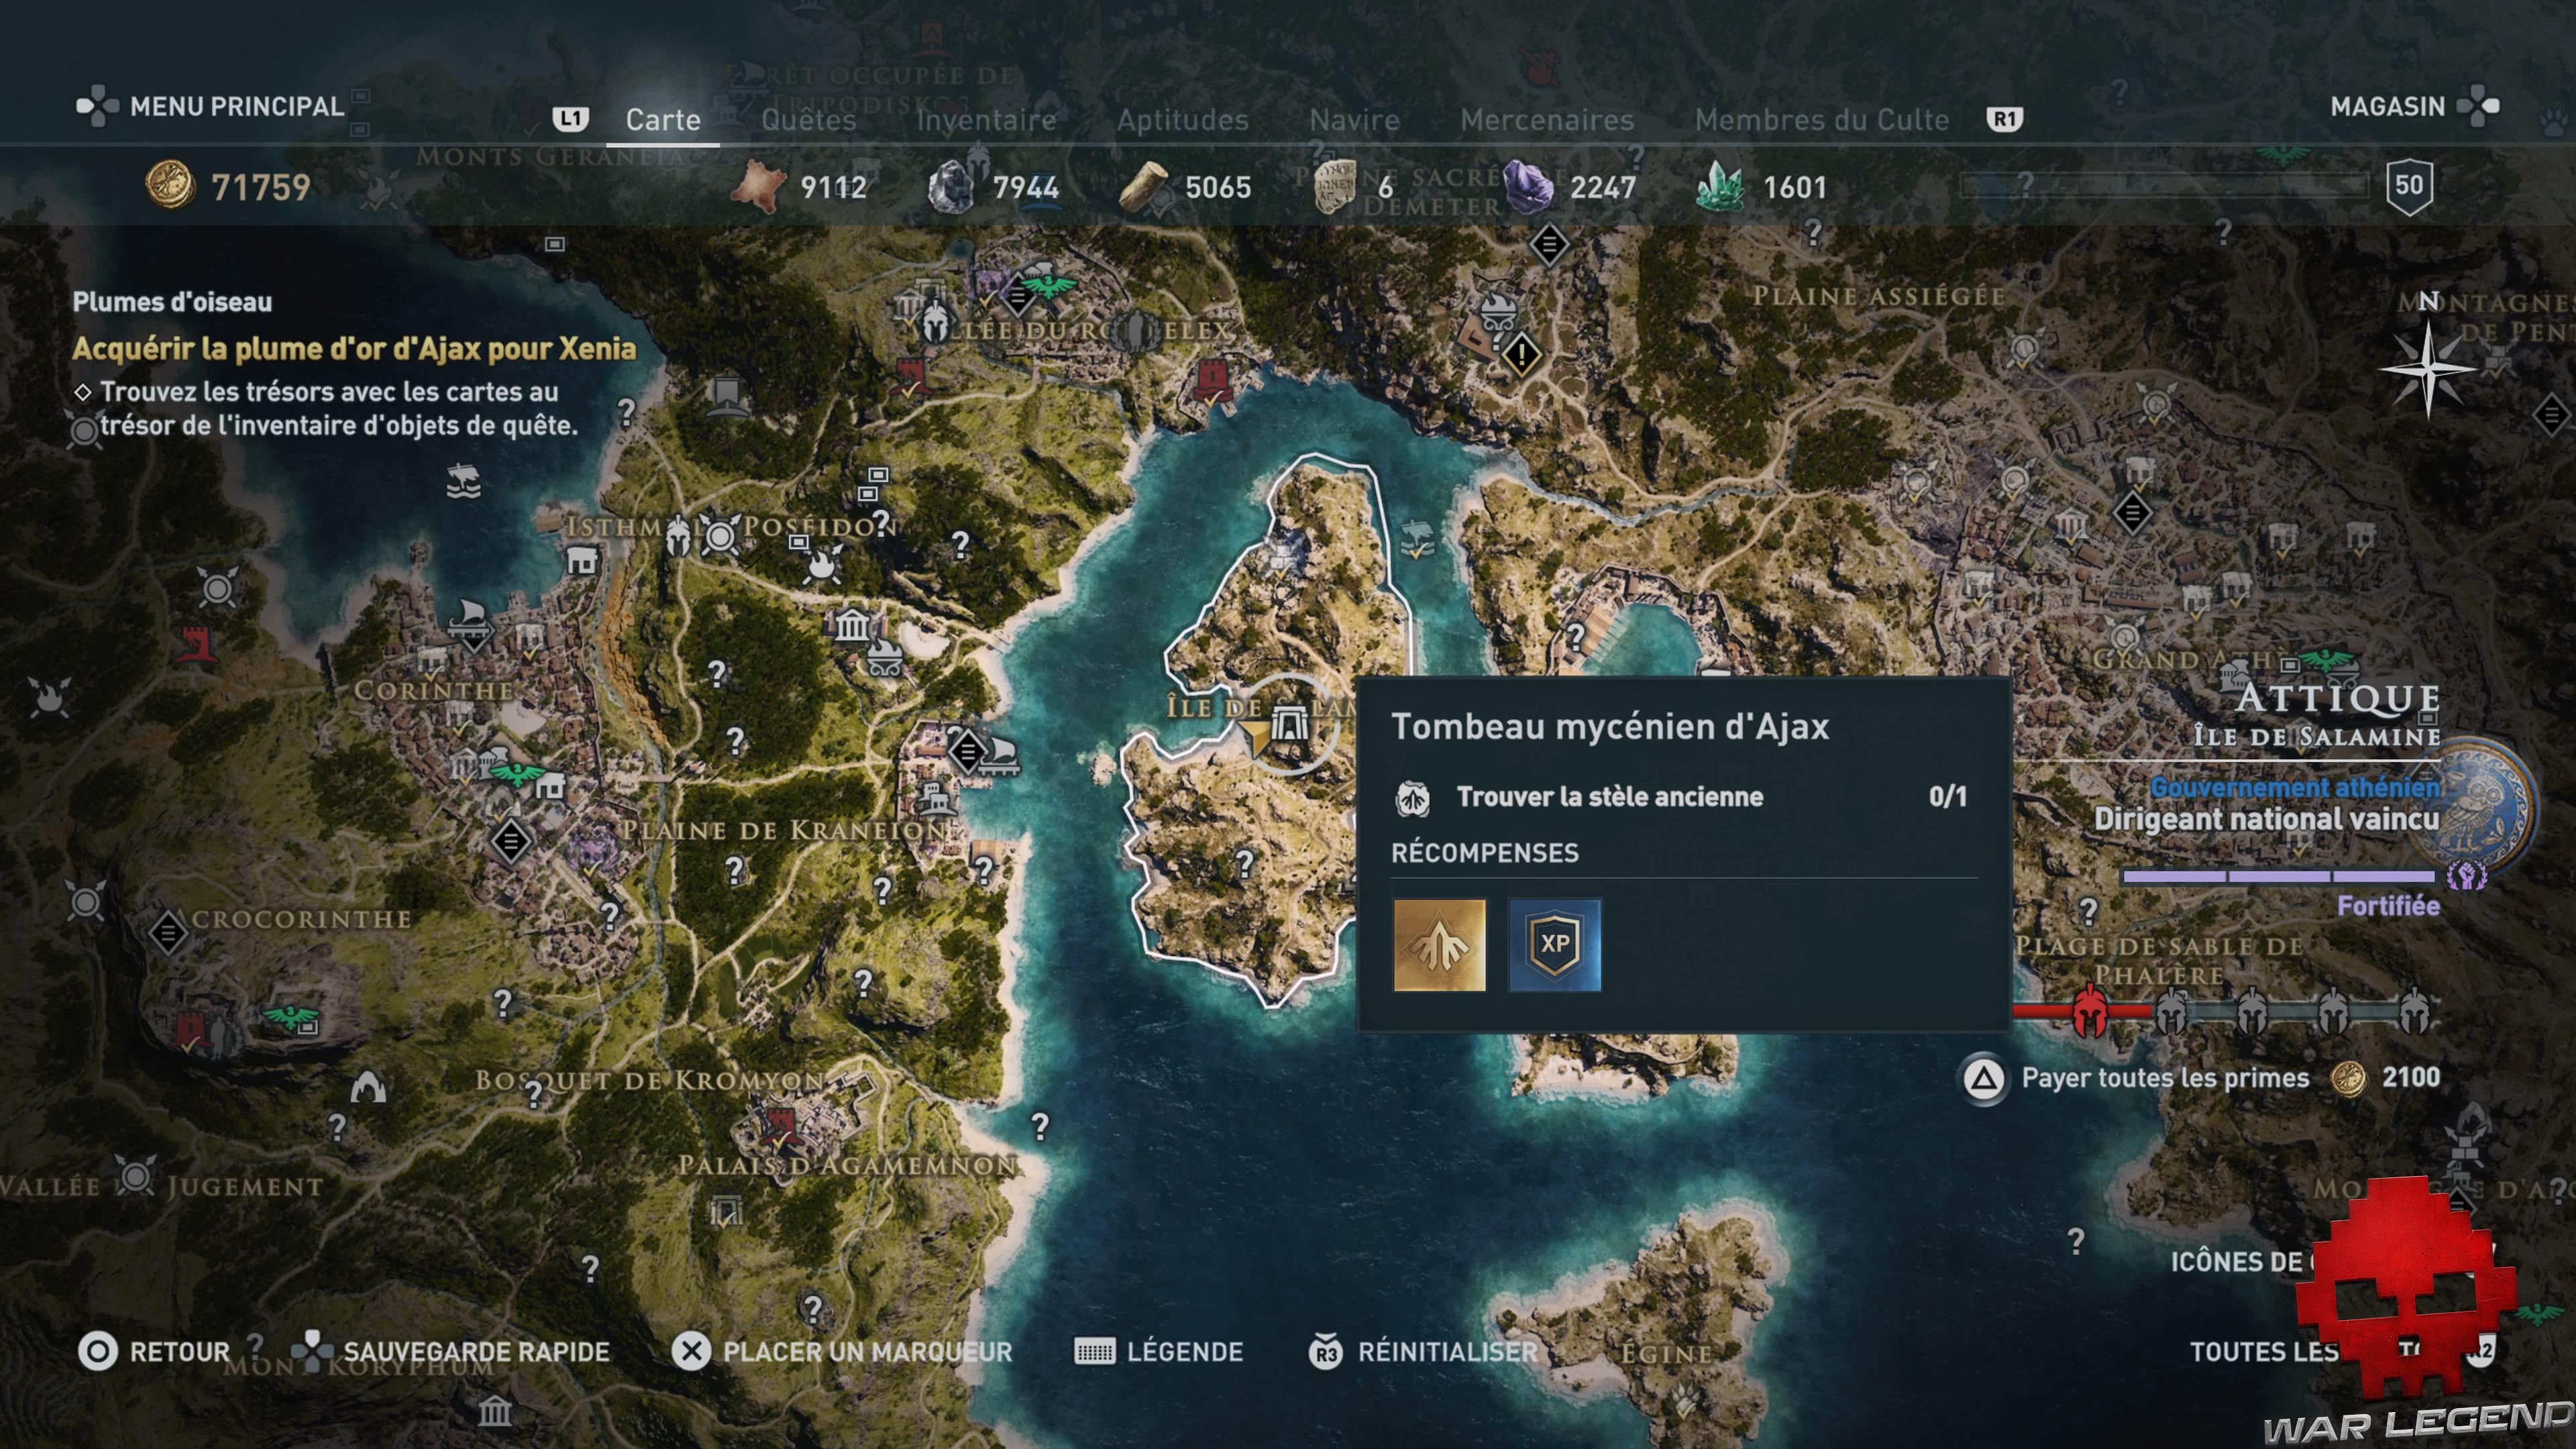 Guide Assassin's Creed Odyssey carte tombeau mycénien d'Ajax